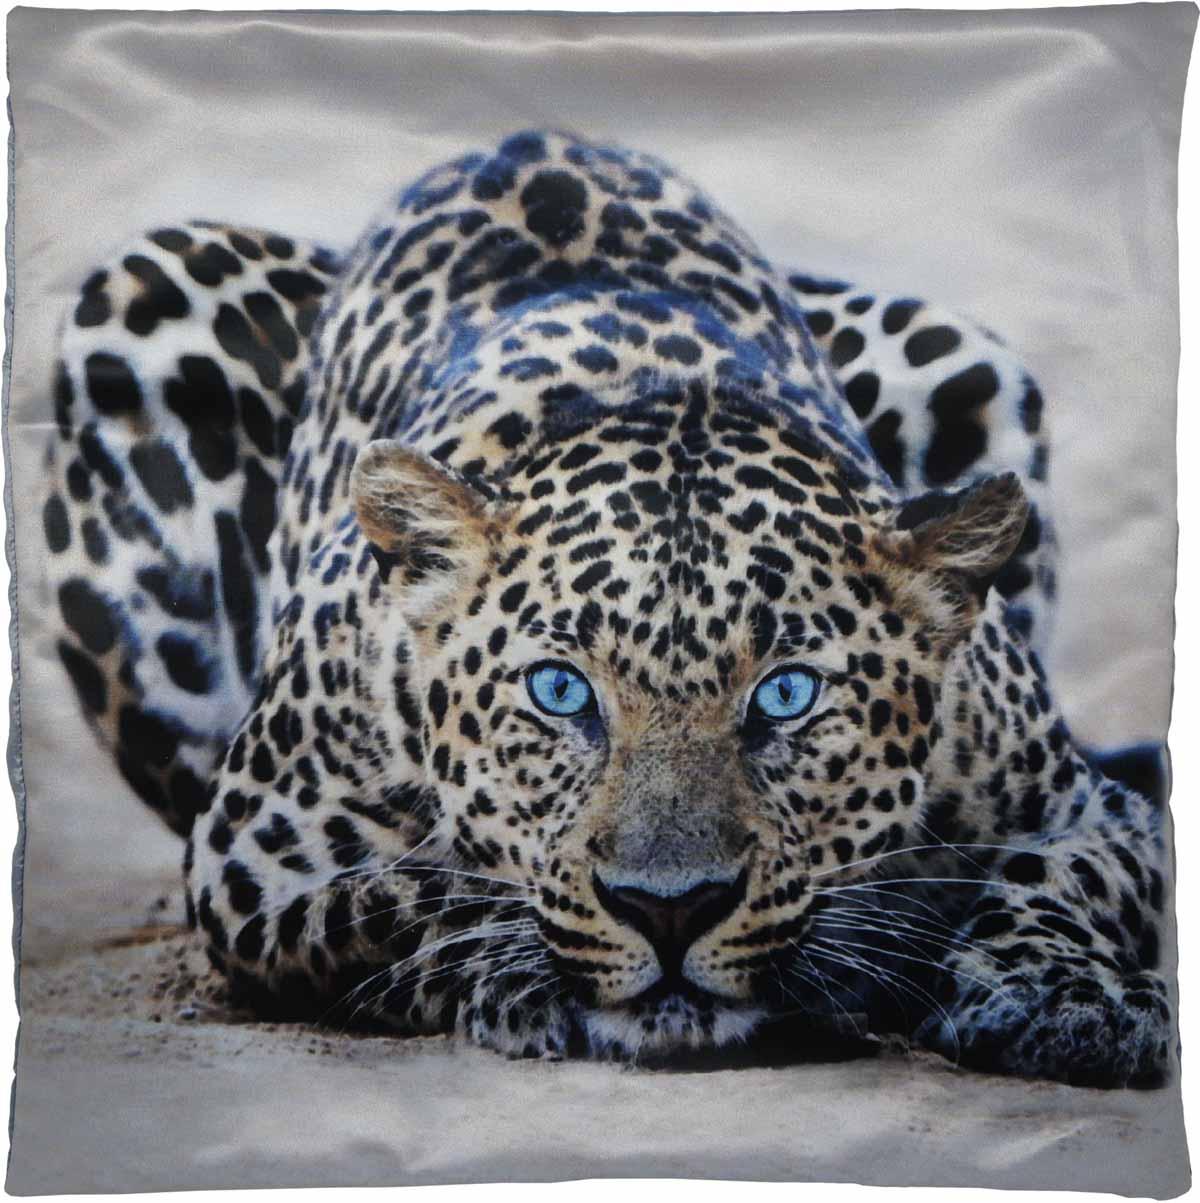 Наволочка для декоративной подушки GiftnHome Леопард, цвет: бежевый, черный, 45 х 45 смНВЛ-45 LeoИзделие изготовлено из искусственного шелка - атласа! Наволочка на молнии